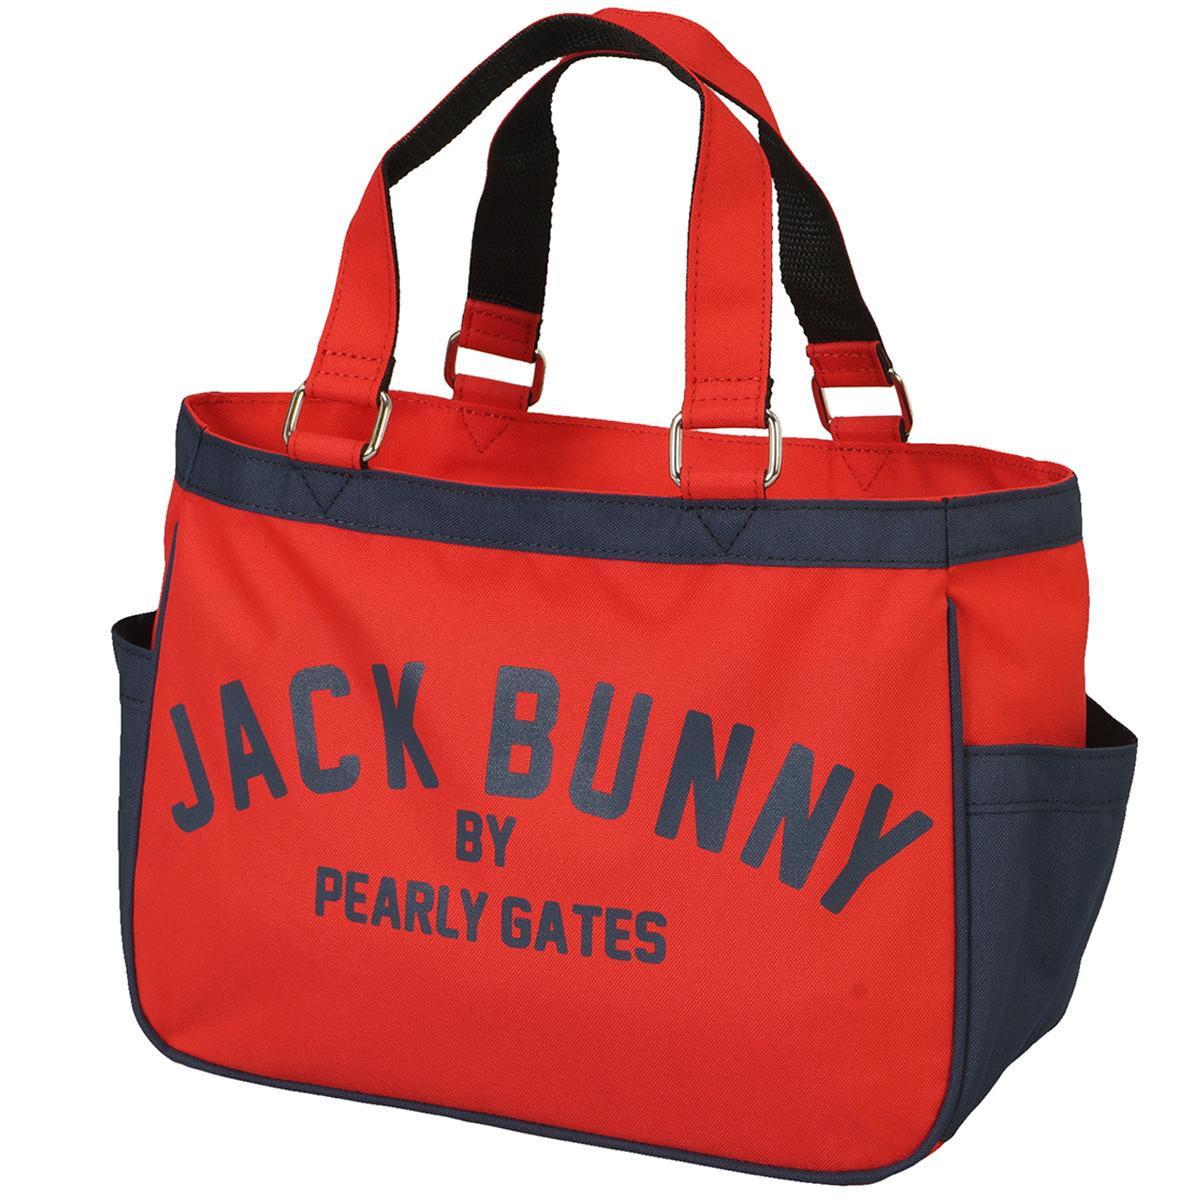 【6/14から6/21まで全品ポイント10倍!】 ジャックバニー バイ パーリーゲイツ Jack Bunny!! by PEARLY GATES カートバッグ 262-6981101